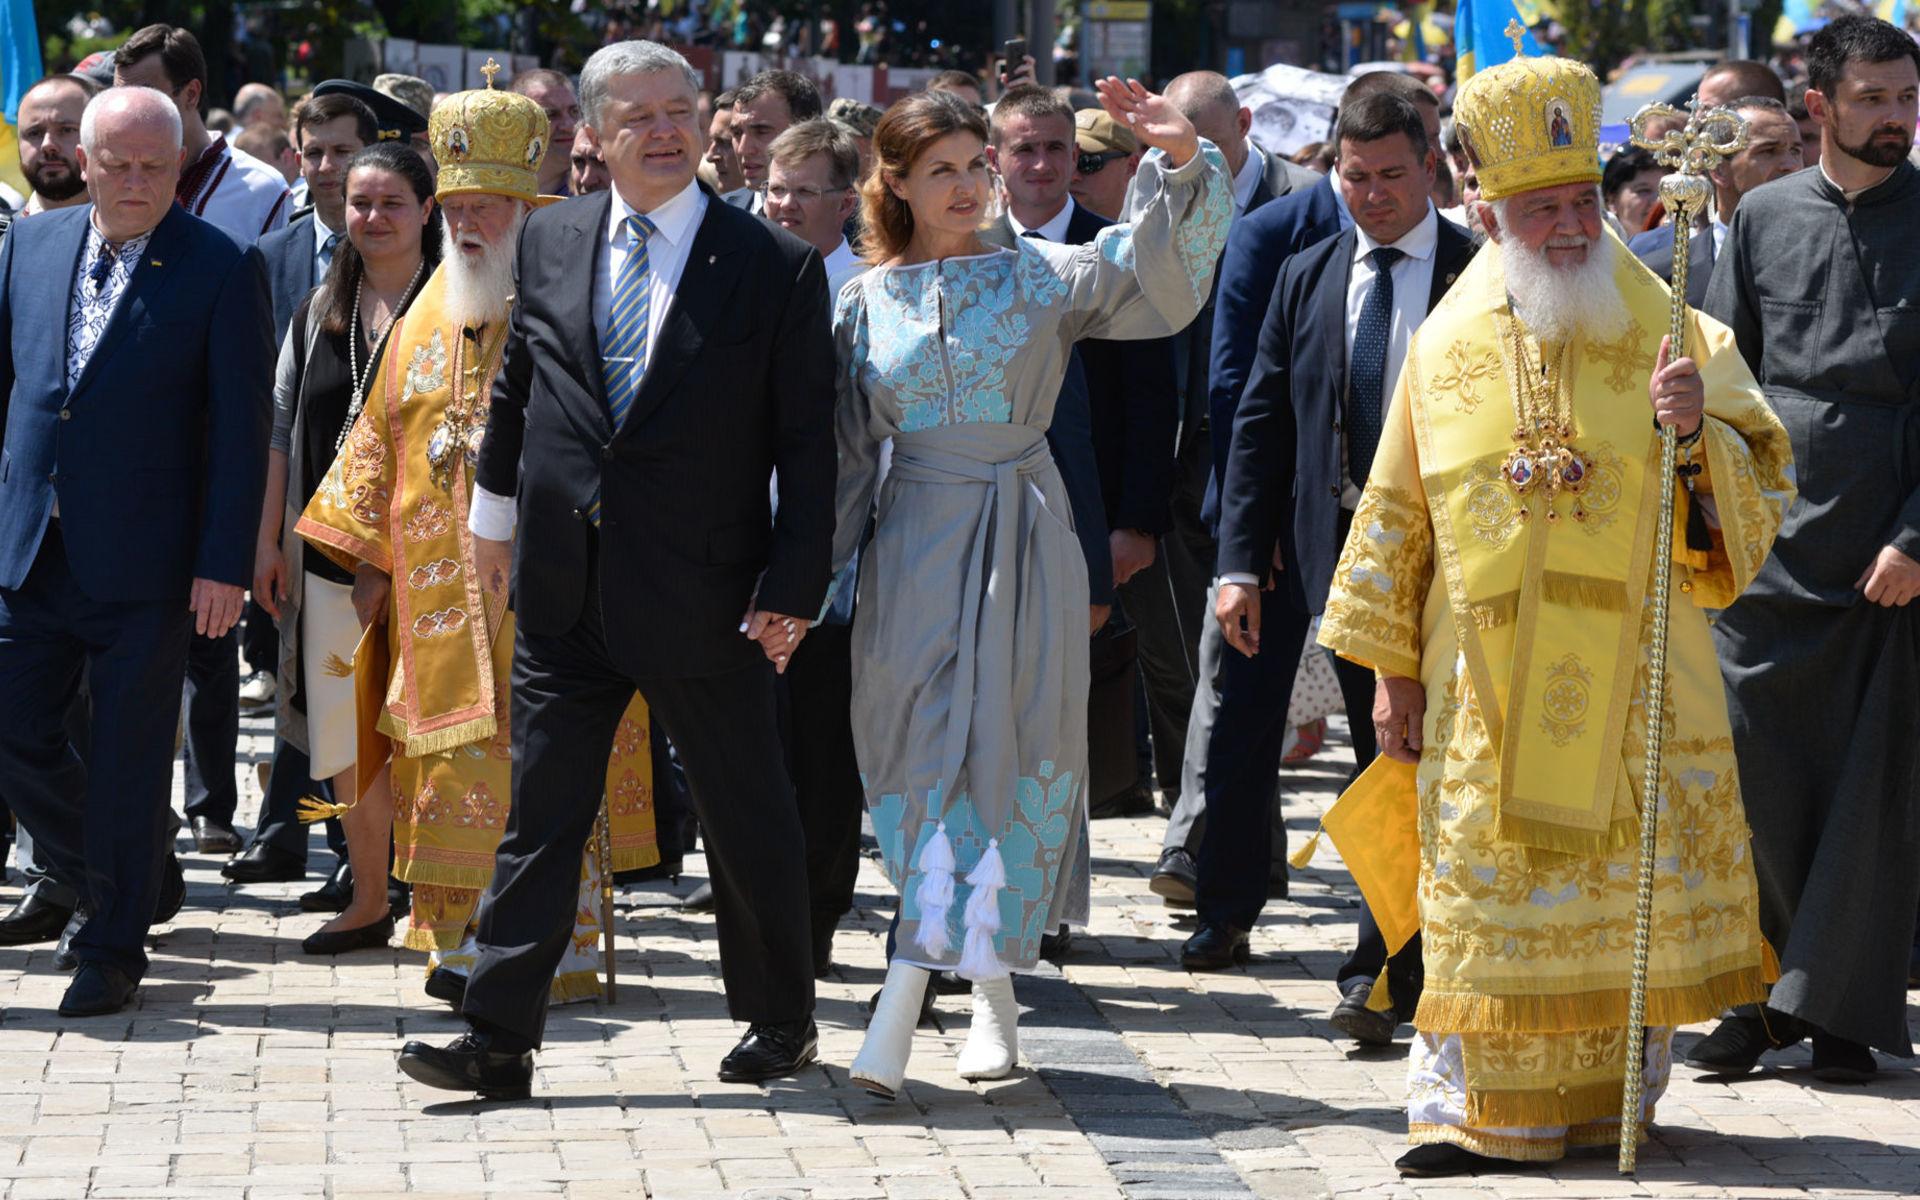 Картинки по запросу «Новая газета» отрабатывает западный заказ про украинскую автокефалию